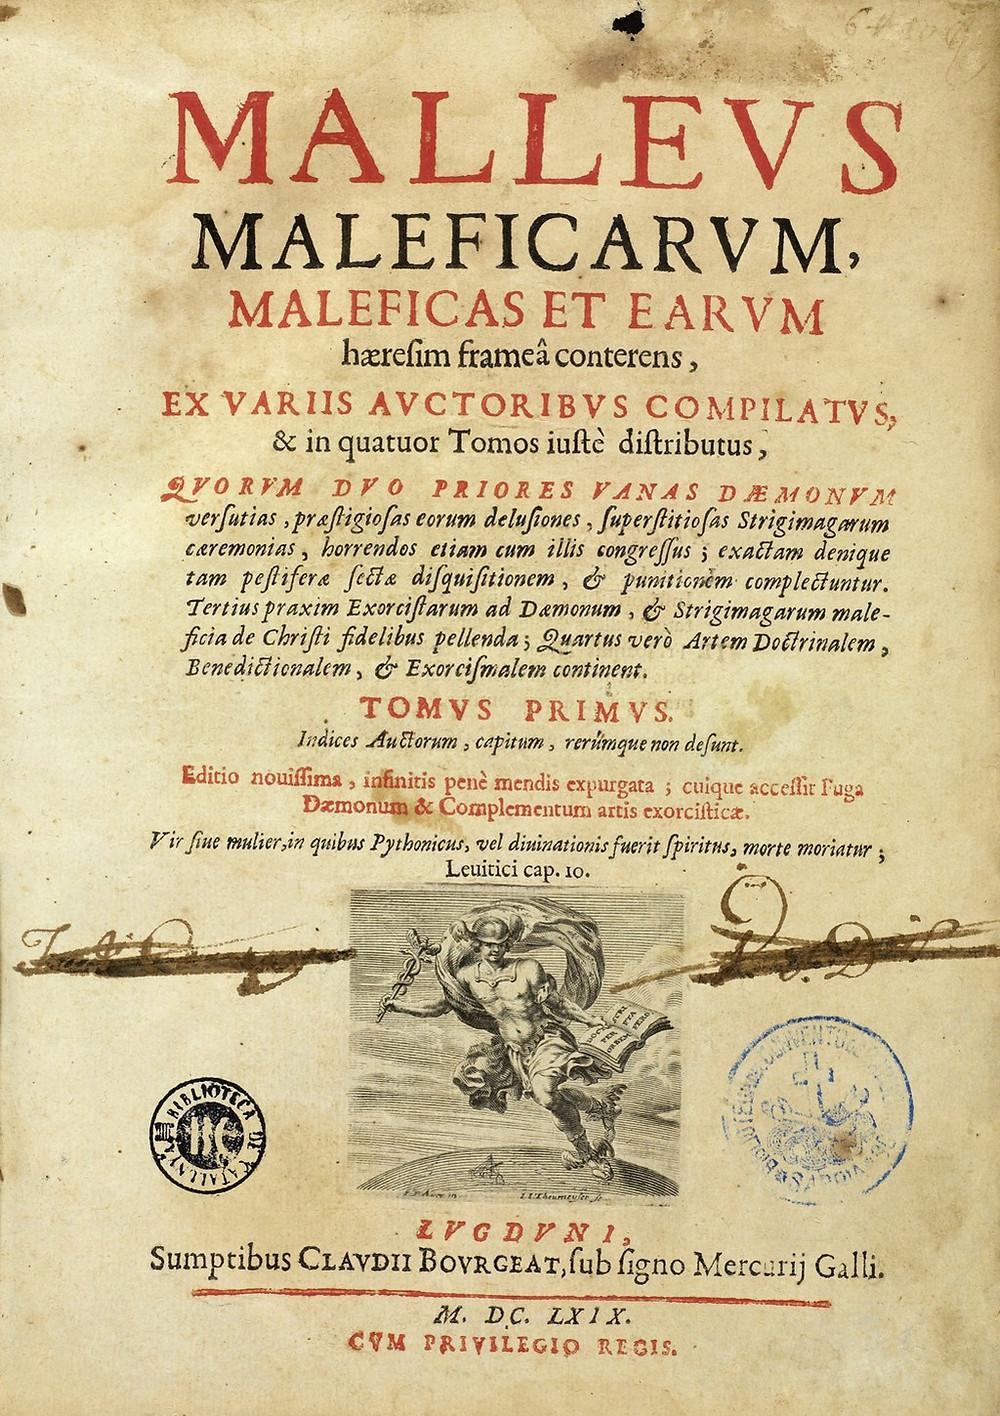 Malleus maleficarum, frontspiece